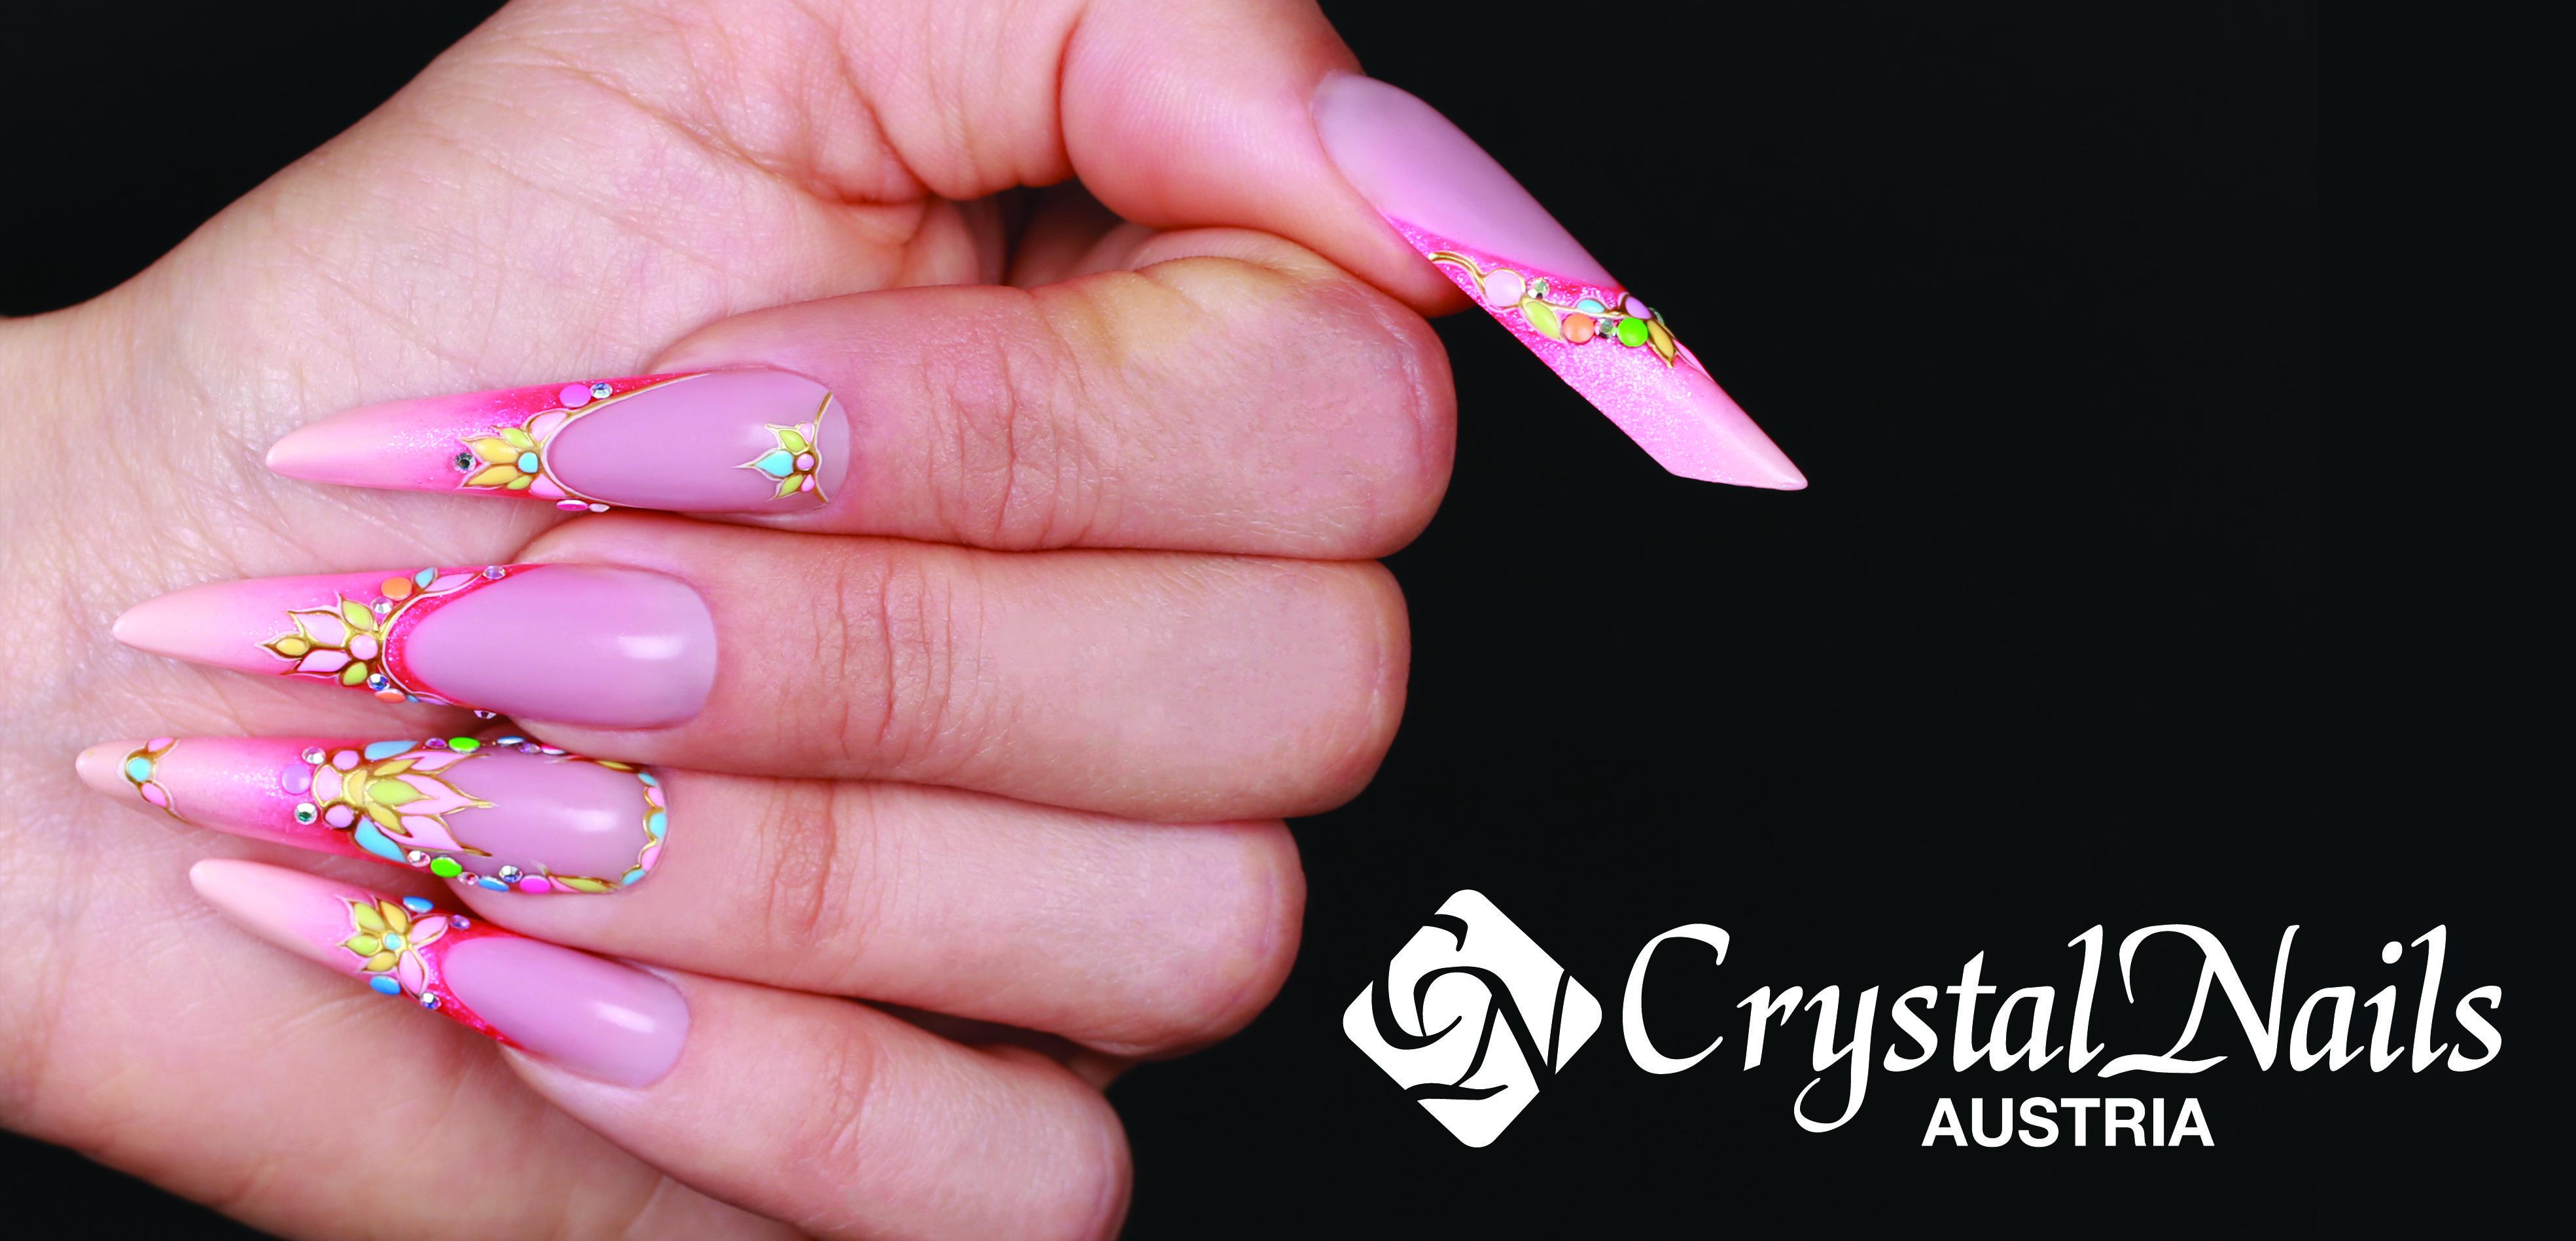 Amüsant Nägel Muster Das Beste Von #crystalnails #nägel #nagelstudio #nailart #muster #gelnägel #babyboomer